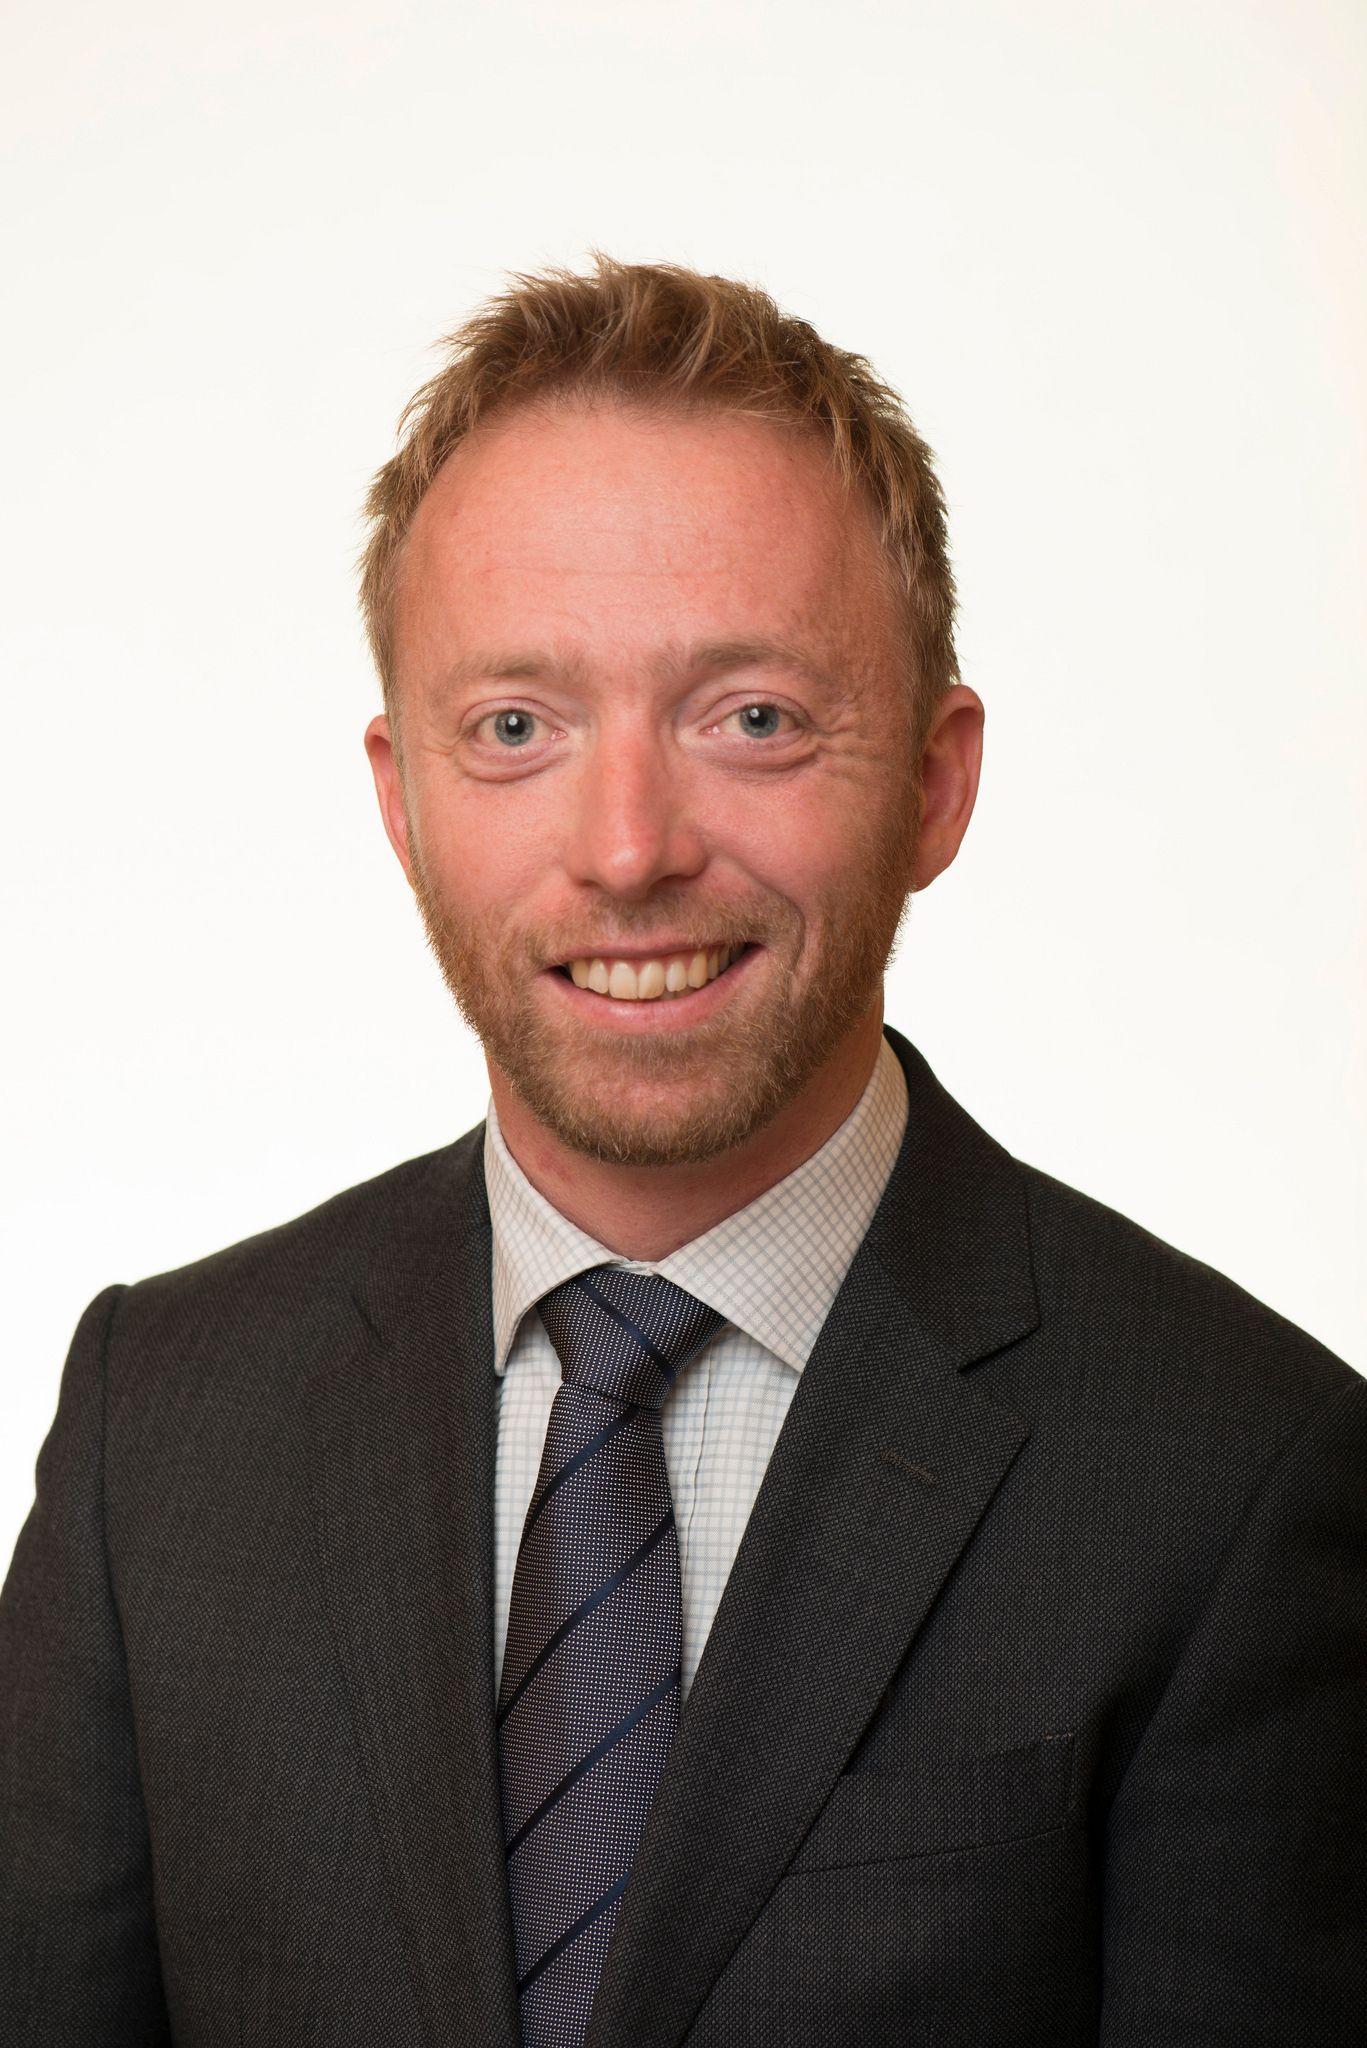 Statssekretær John-Ragnar Aarset.Foto: Olav Heggø/Fotovisjon